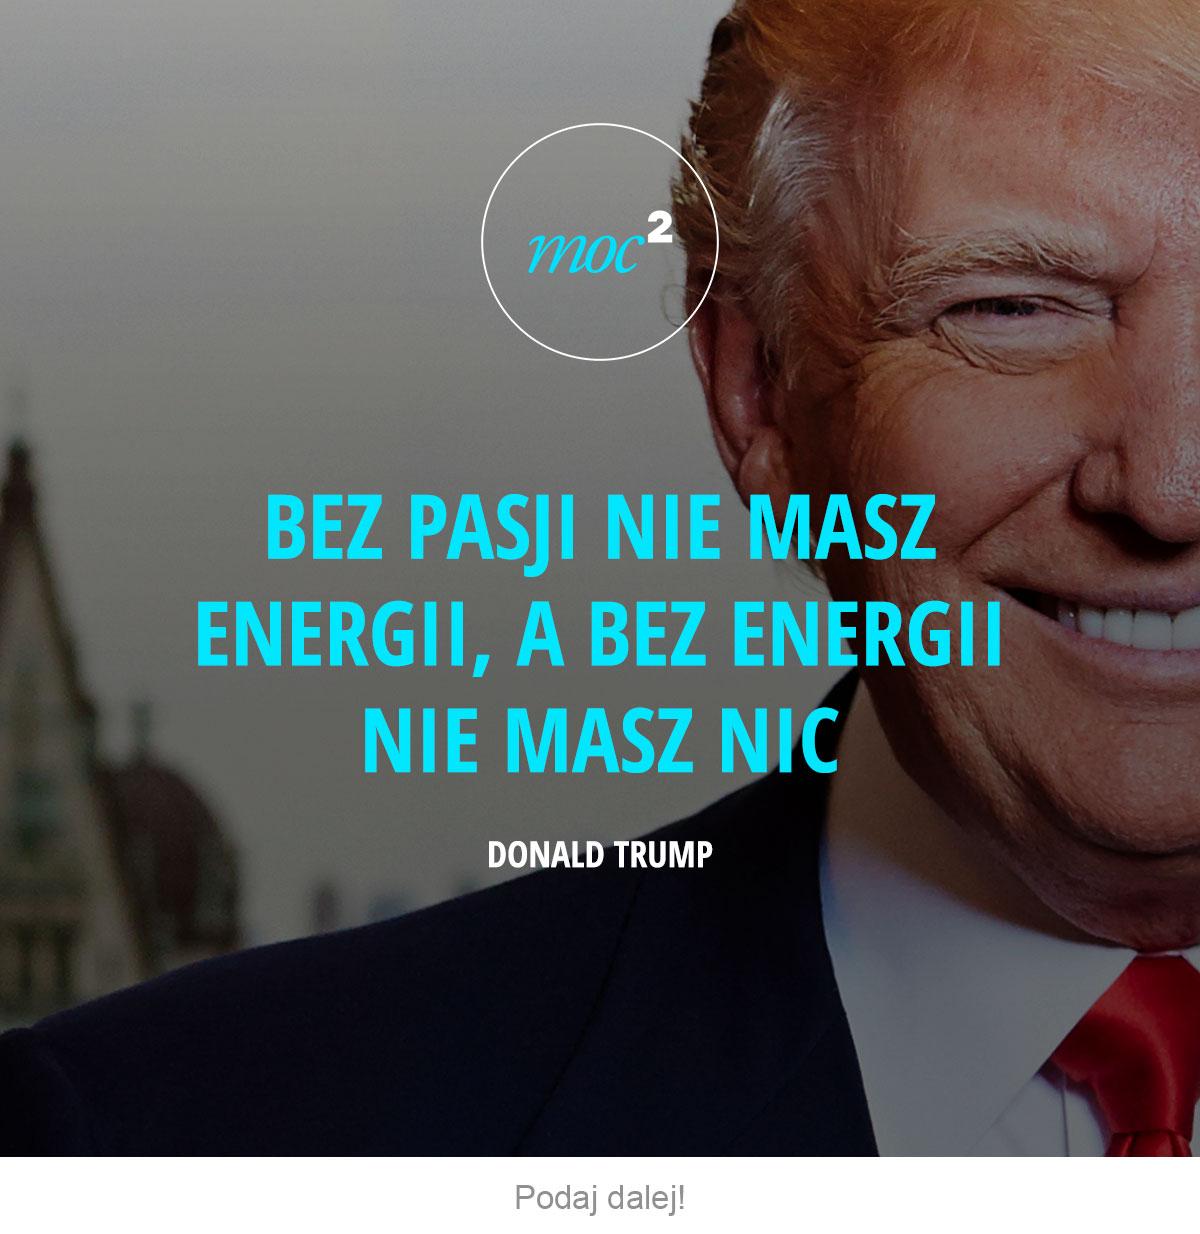 Bez pasji nie masz energii, a bez energii nie masz nic. - Donald Trump